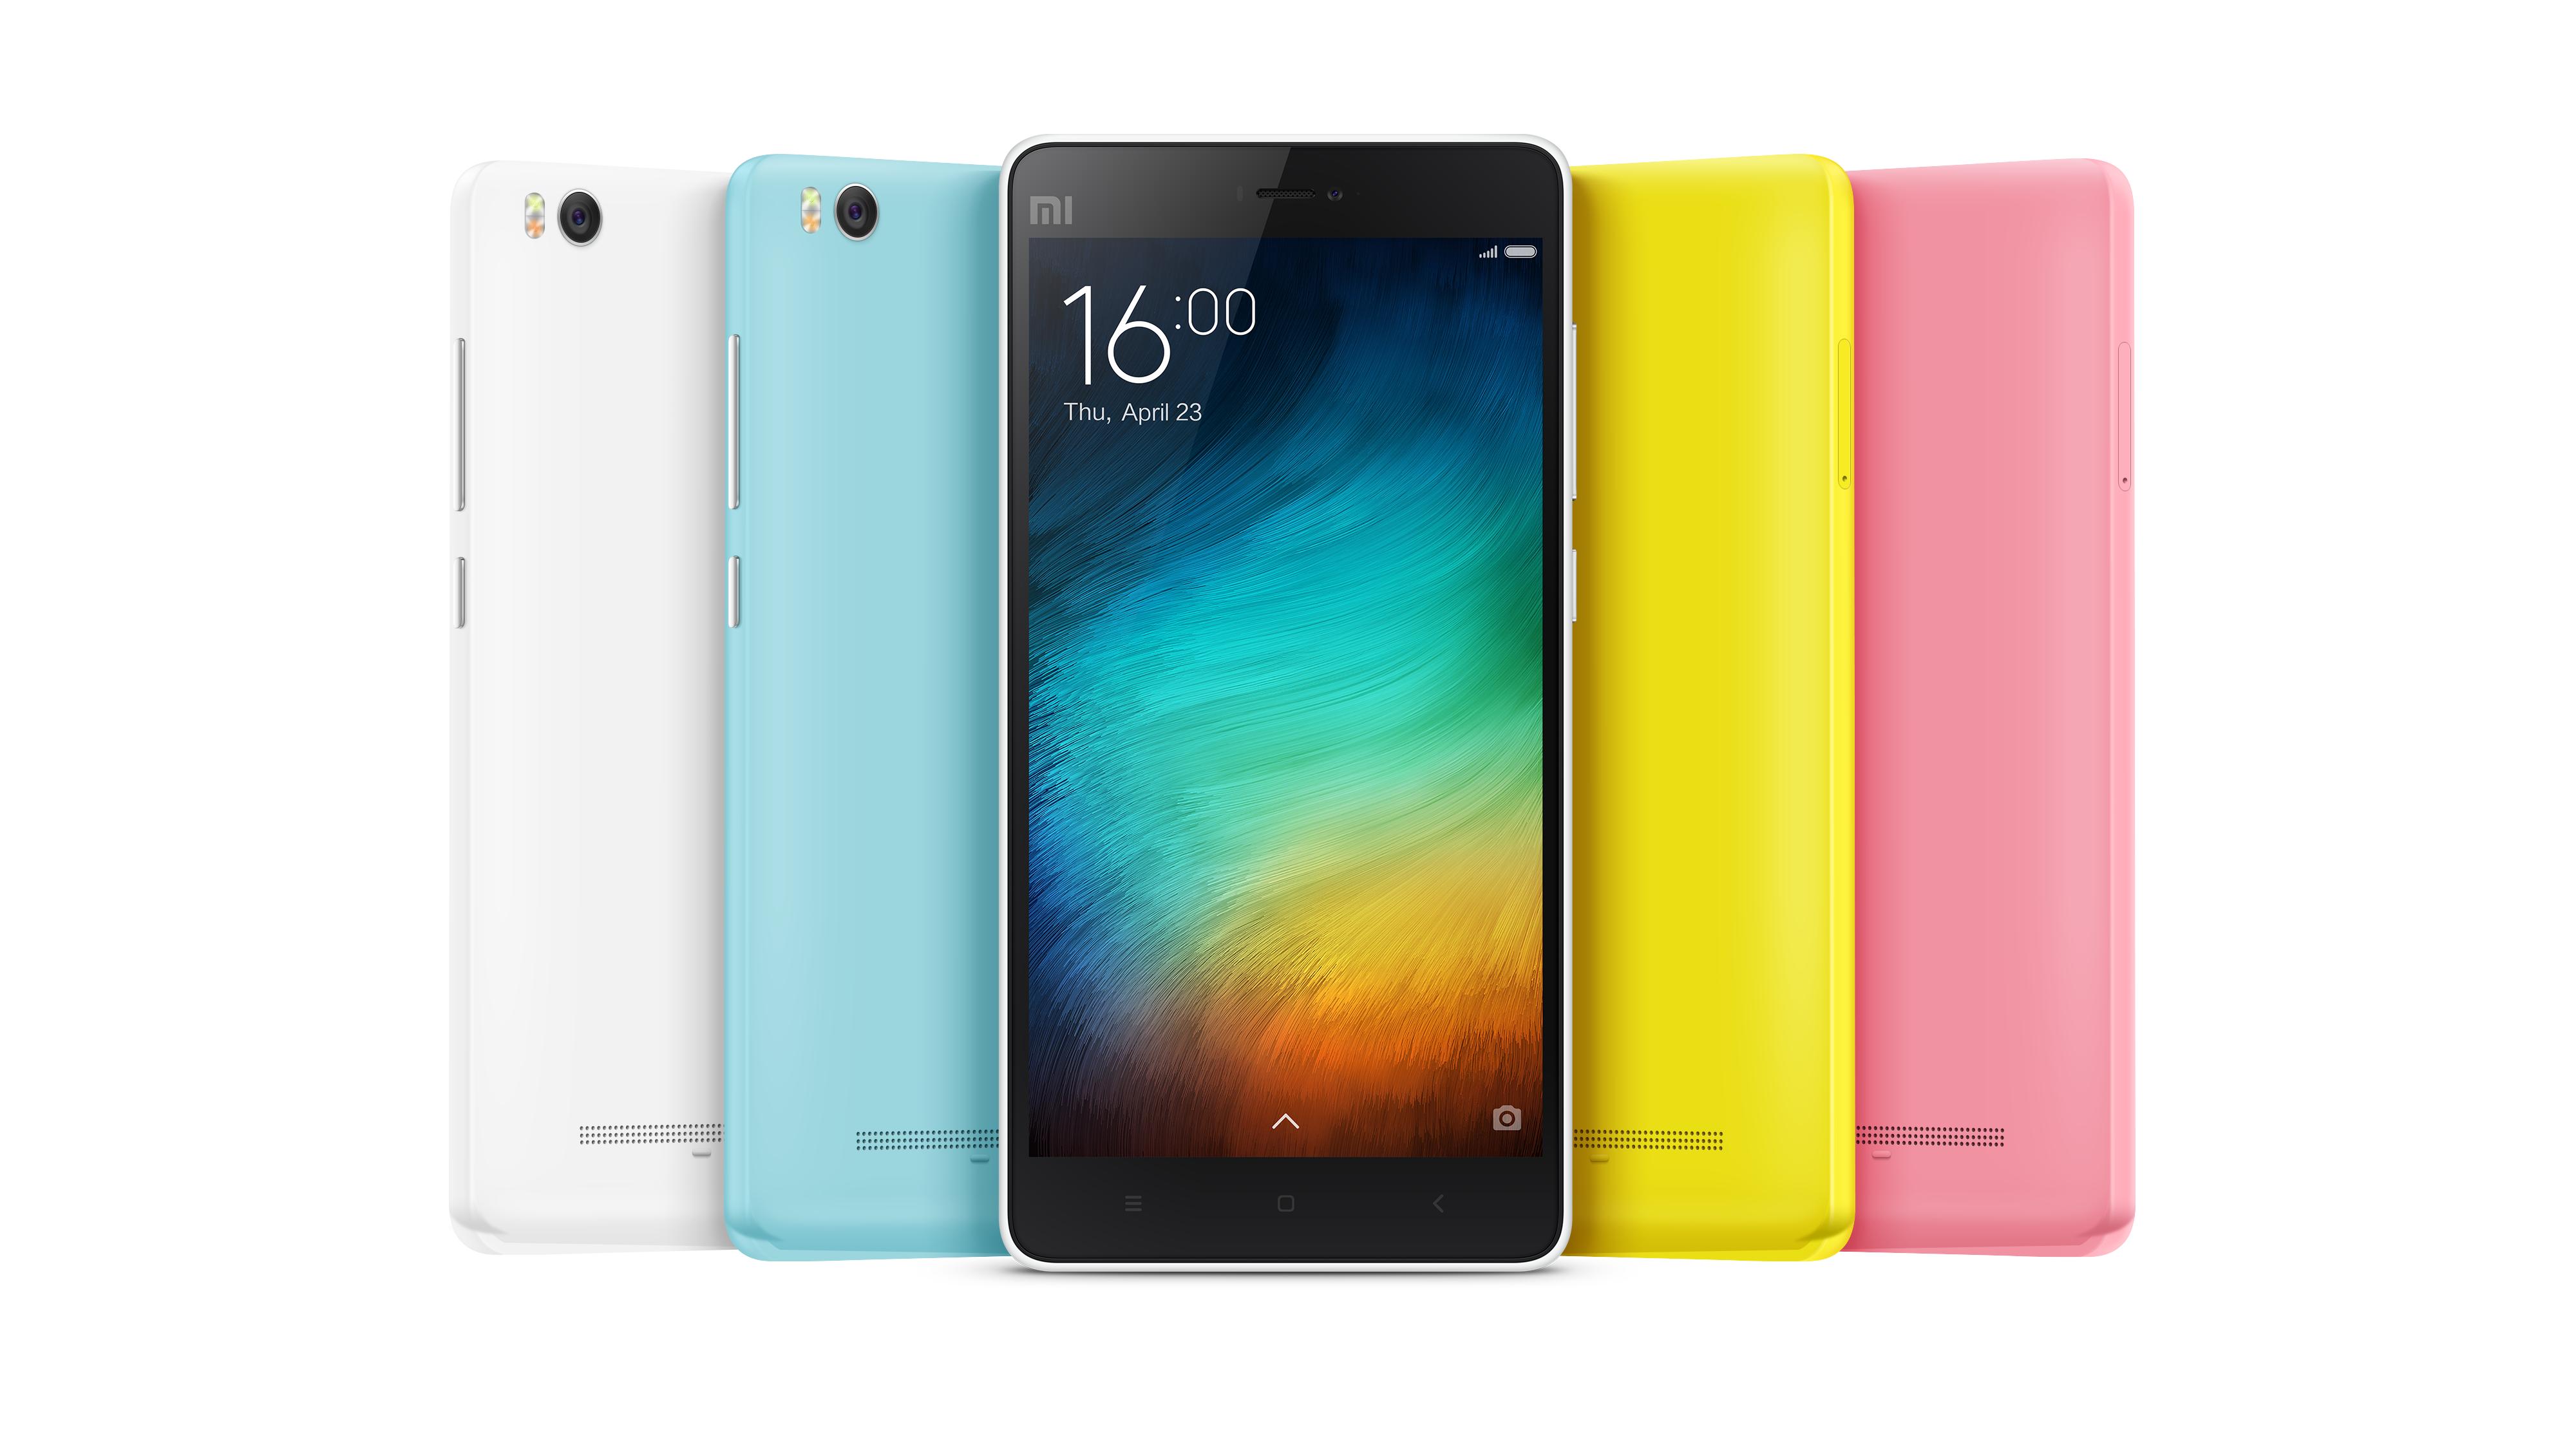 Xiaomi e il Mi 4i con Snapdragon 808 - RUMORS